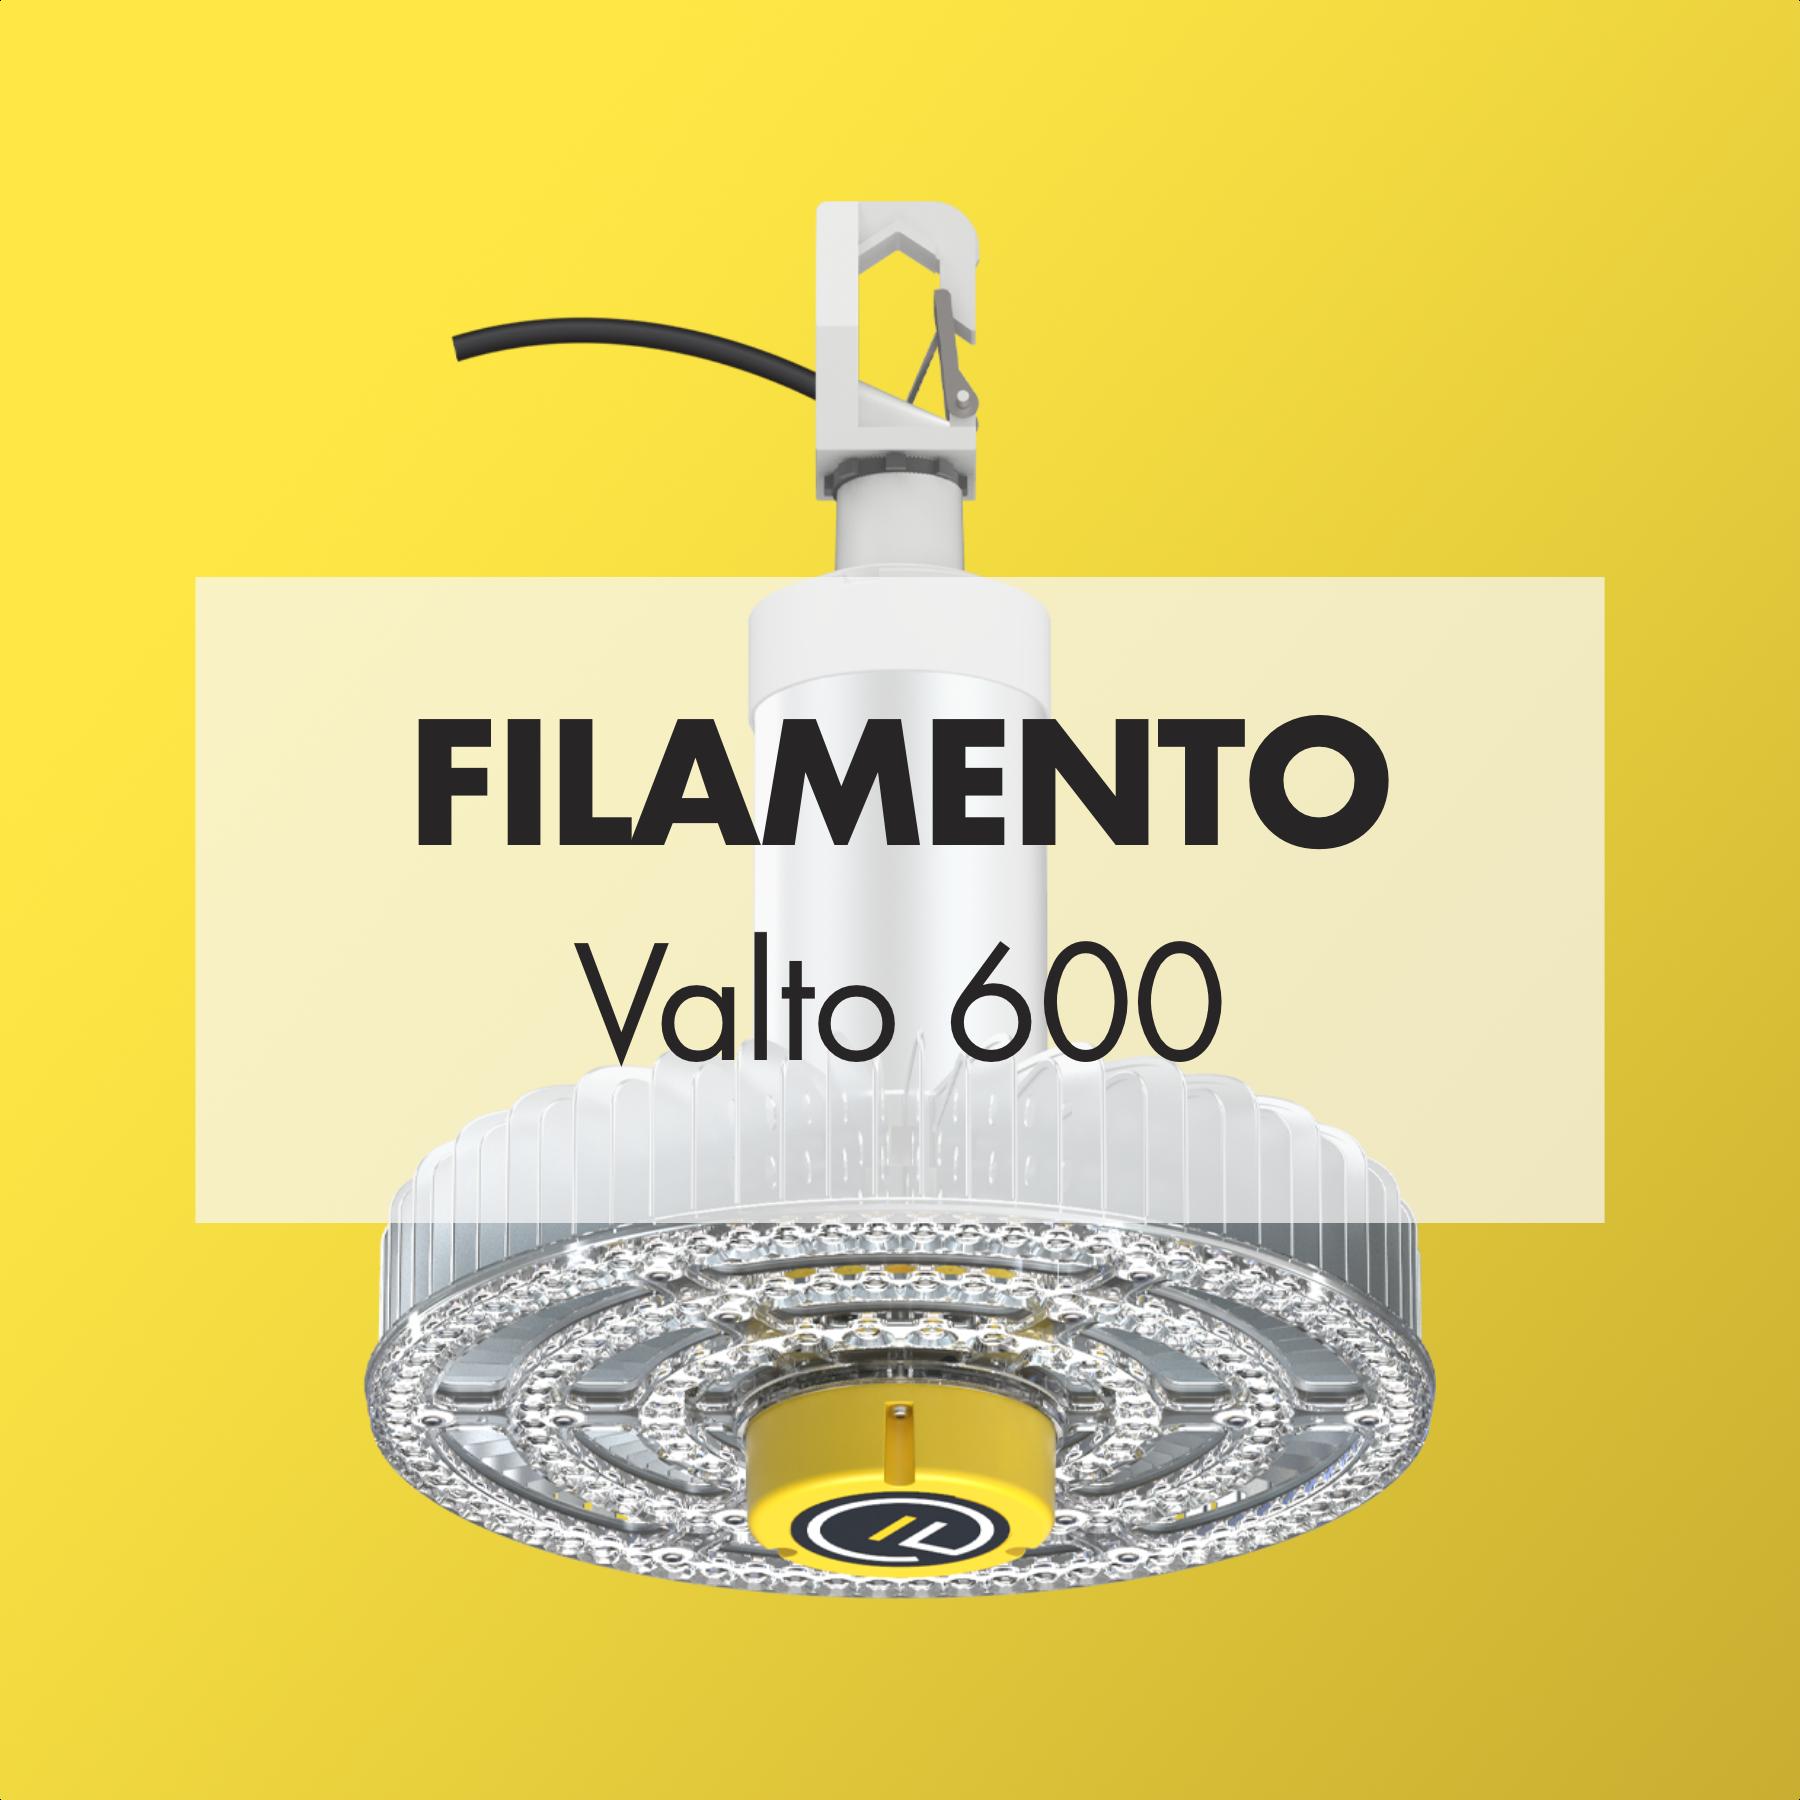 INDUSTRIAL  Filamento | Valto 600   Brochure ;  Case Study